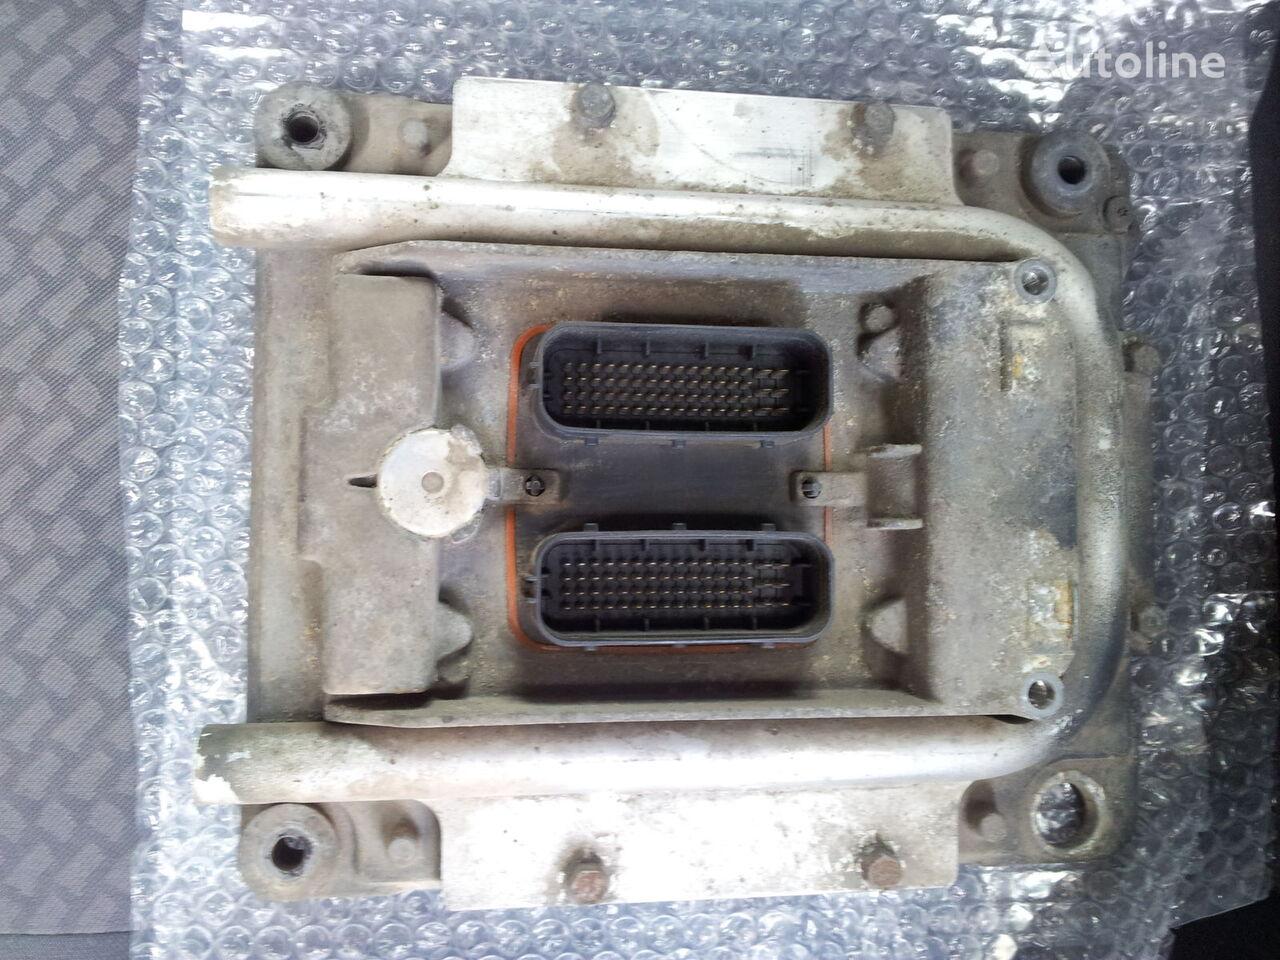 centralina  Renault ECU control unit, engine control unit, 20814604 P01 per trattore stradale RENAULT Premium DXI